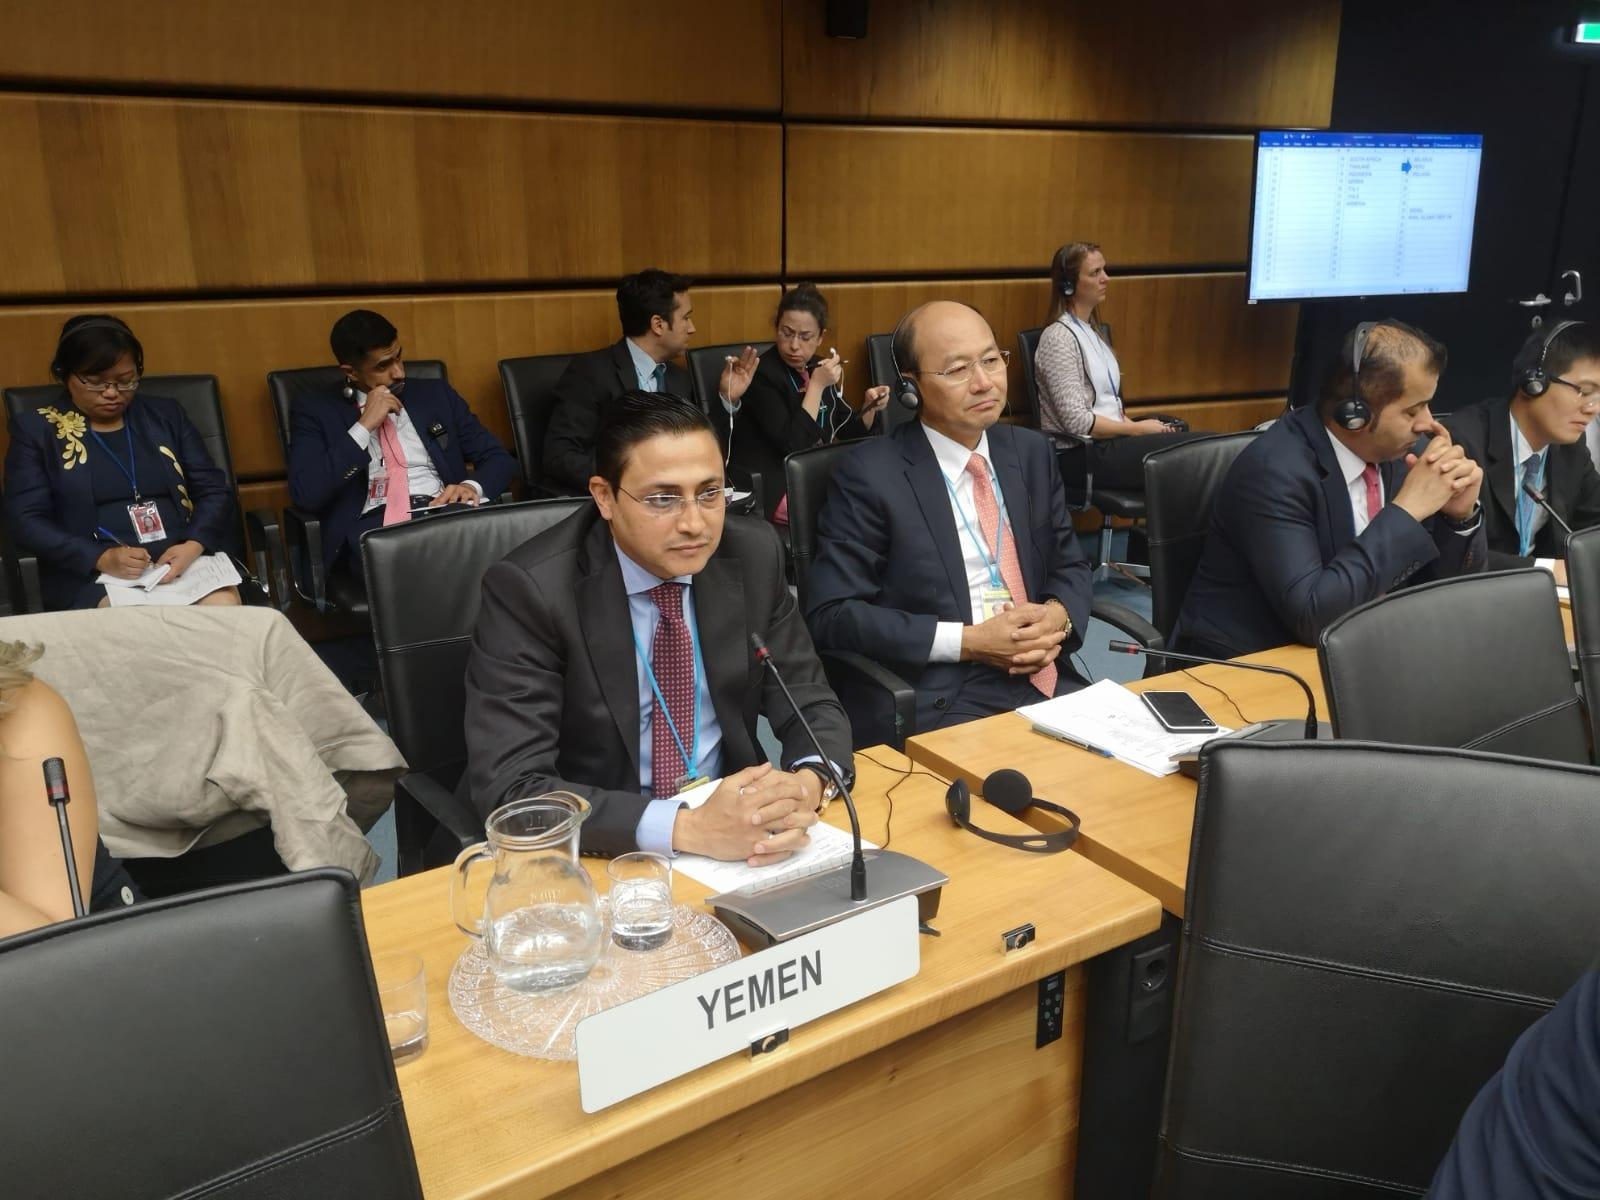 اليمن تشارك في الاجتماع الاستثنائي لمجلس محافظي الوكالة الدولية للطاقة الذرية في فيينا